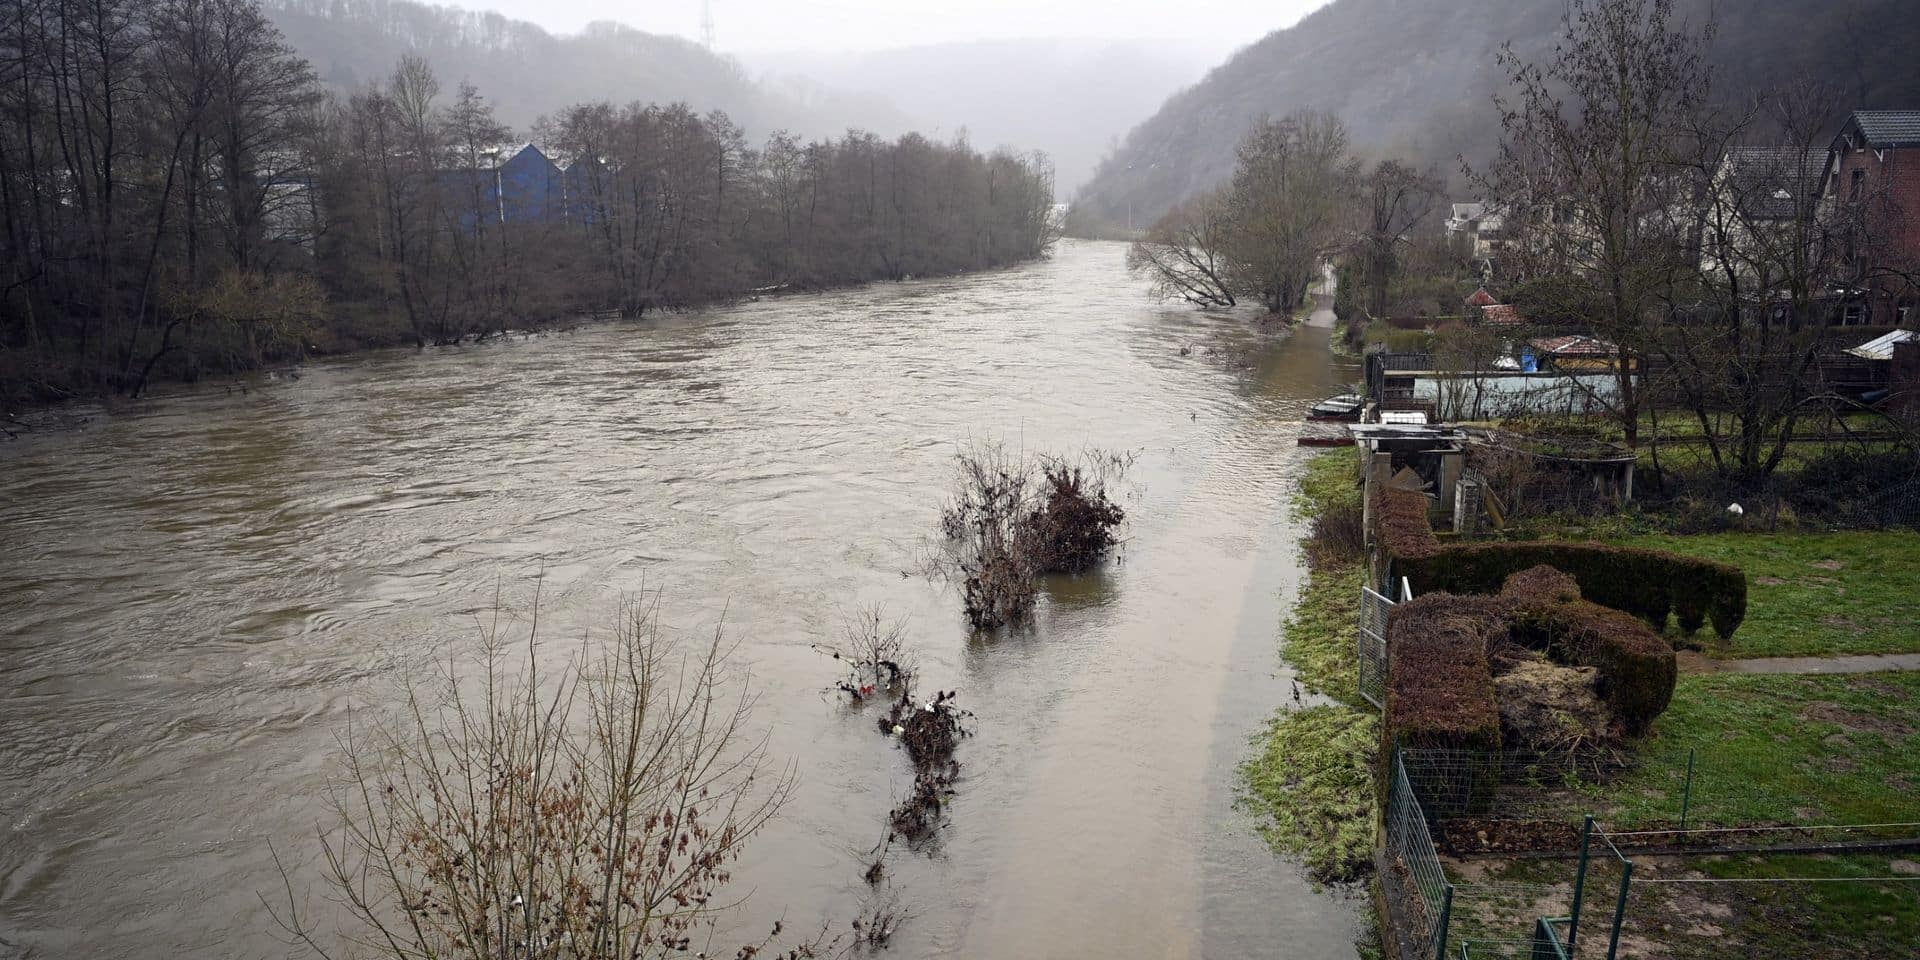 Vague de froid: le numéro 1722 activé pour un risque d'inondations dans les prochains jours